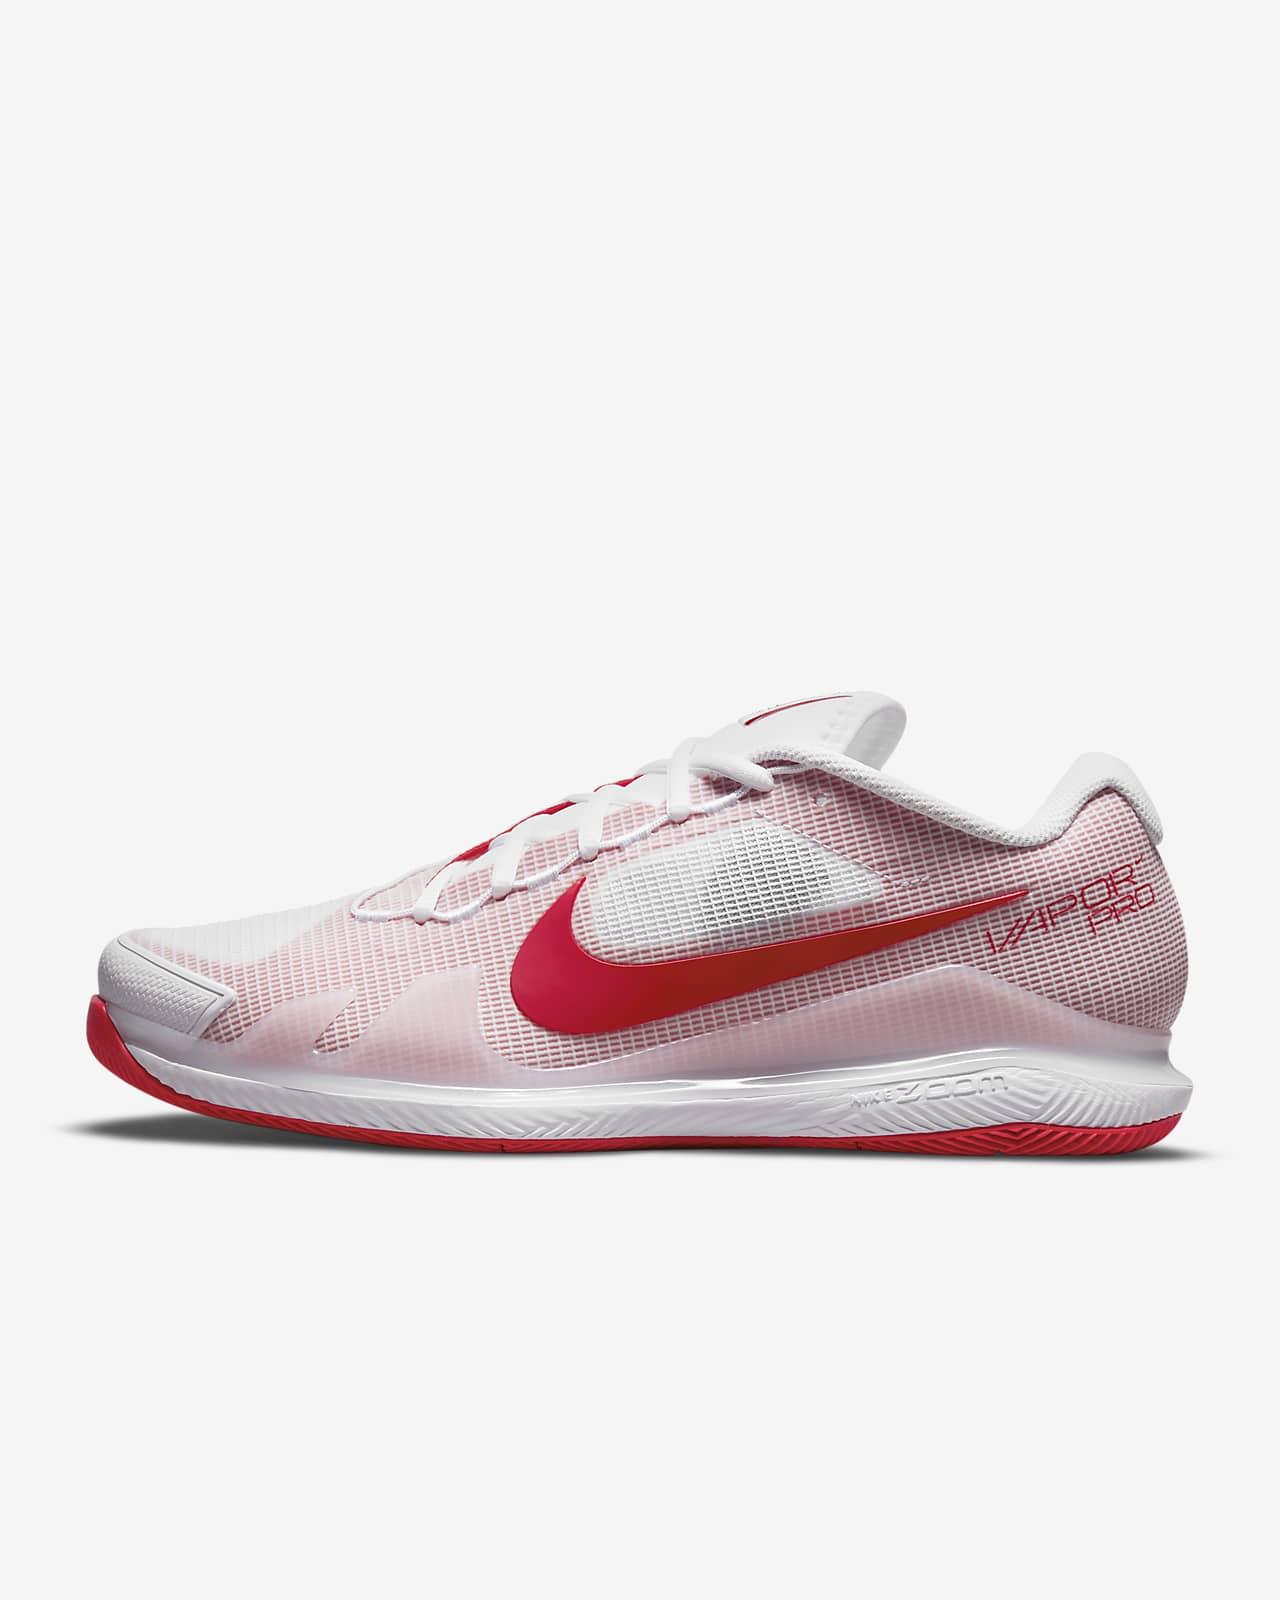 Calzado de tenis para cancha dura para hombre NikeCourt Air Zoom Vapor Pro